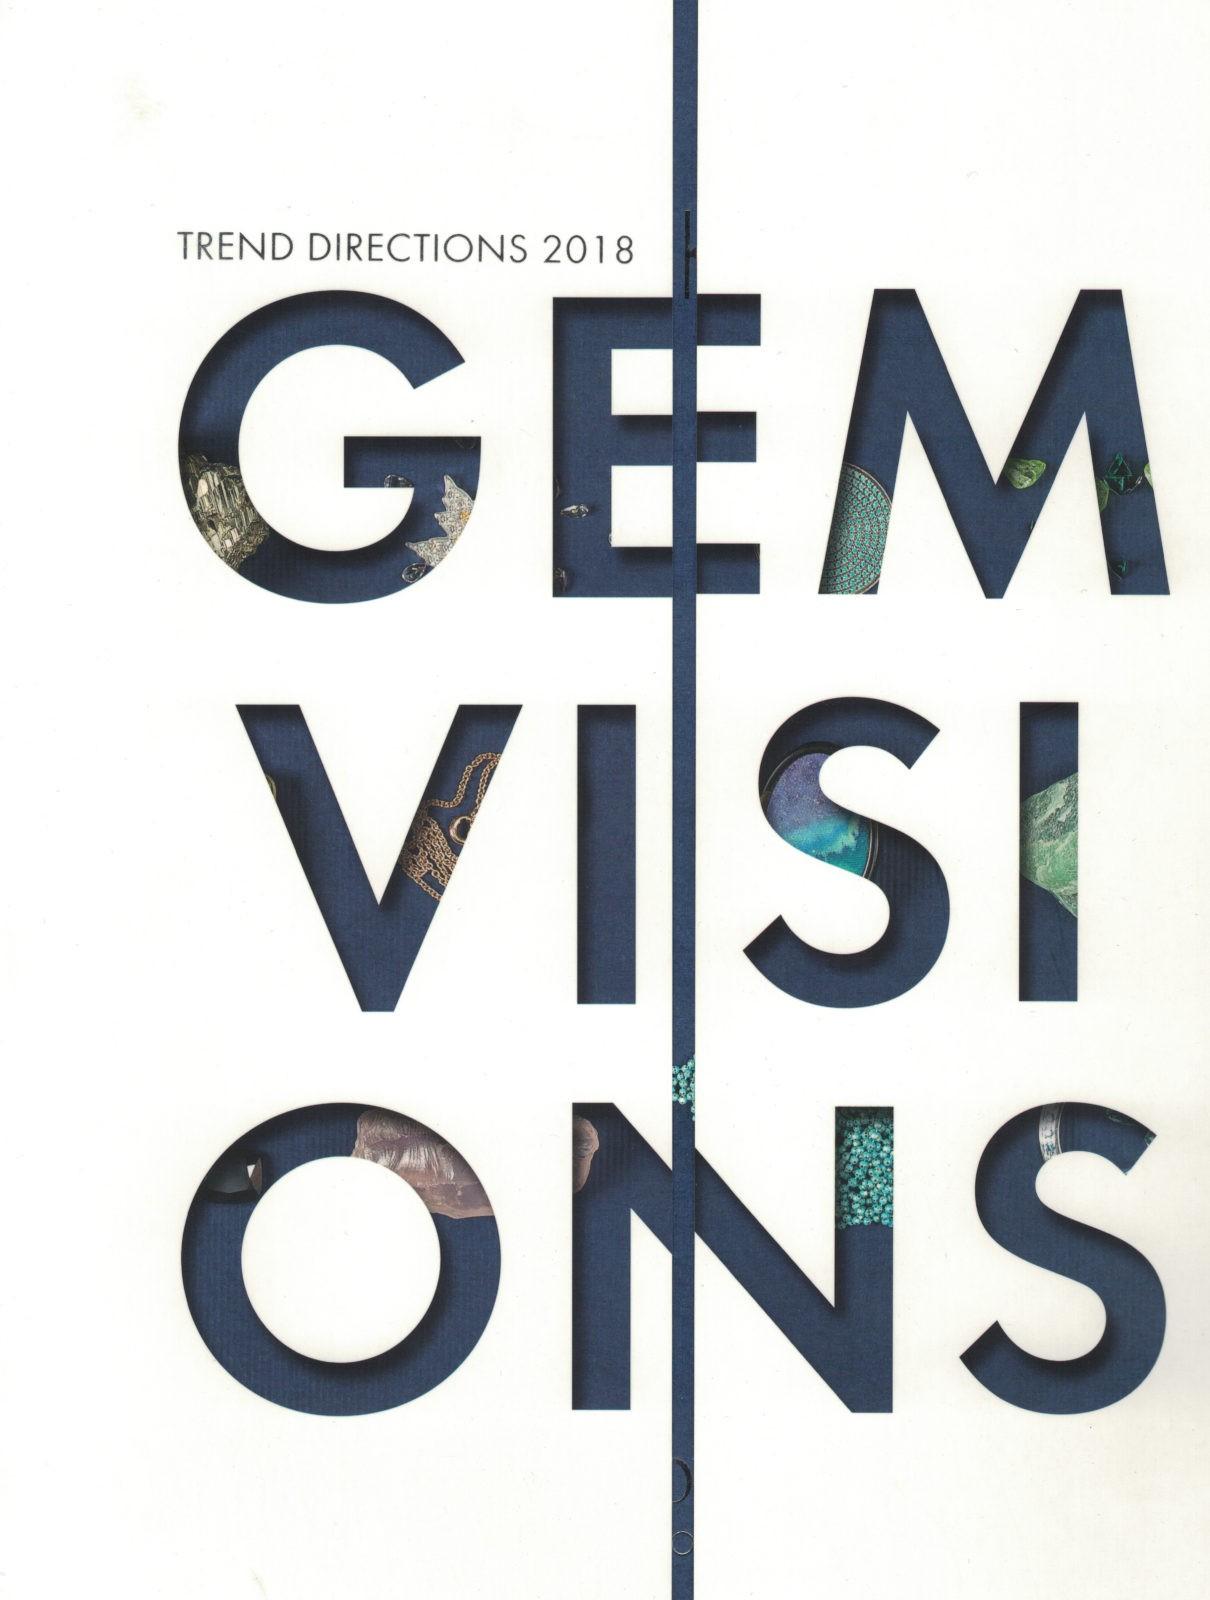 SWAROVSKI Gemvisions 2018